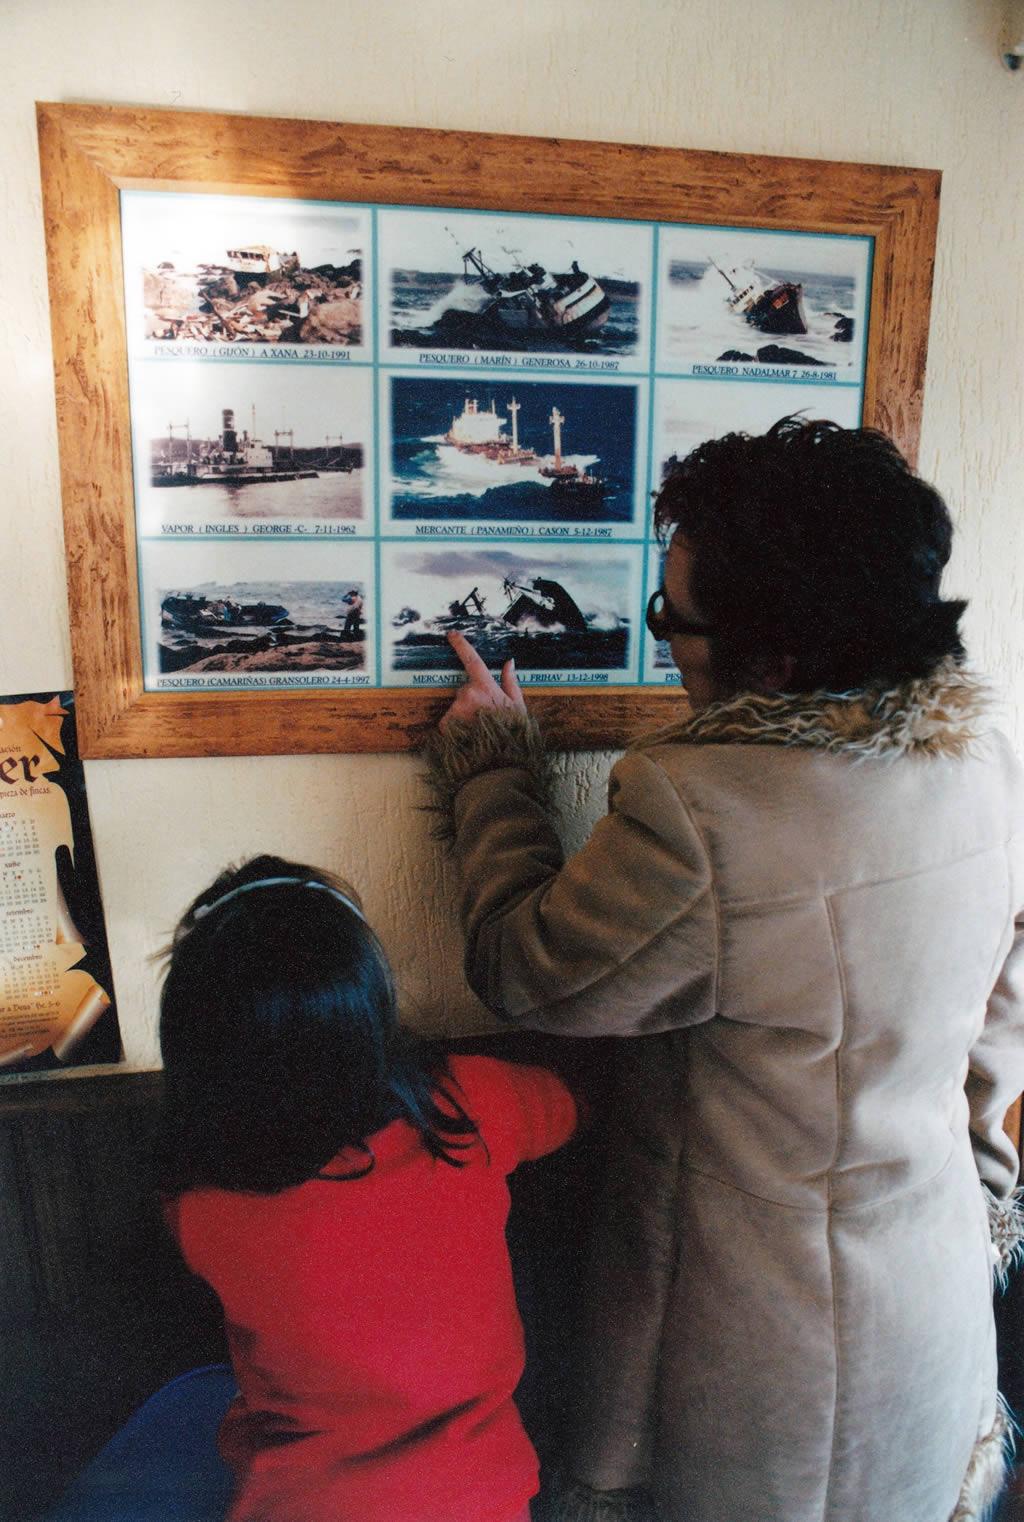 20/12/2002 <br />En un retaurante de Muxia, un cuadro con fotos de los naufragios ocurridos en la zona en los ultimos años: mercante «Casón» (1987), mercante «Frihav» (1998), vapor inglés «George» (1987), pesqueros «A Xaña» (1991) y «Generosa» (1987) <br />Álvaro Ballesteros